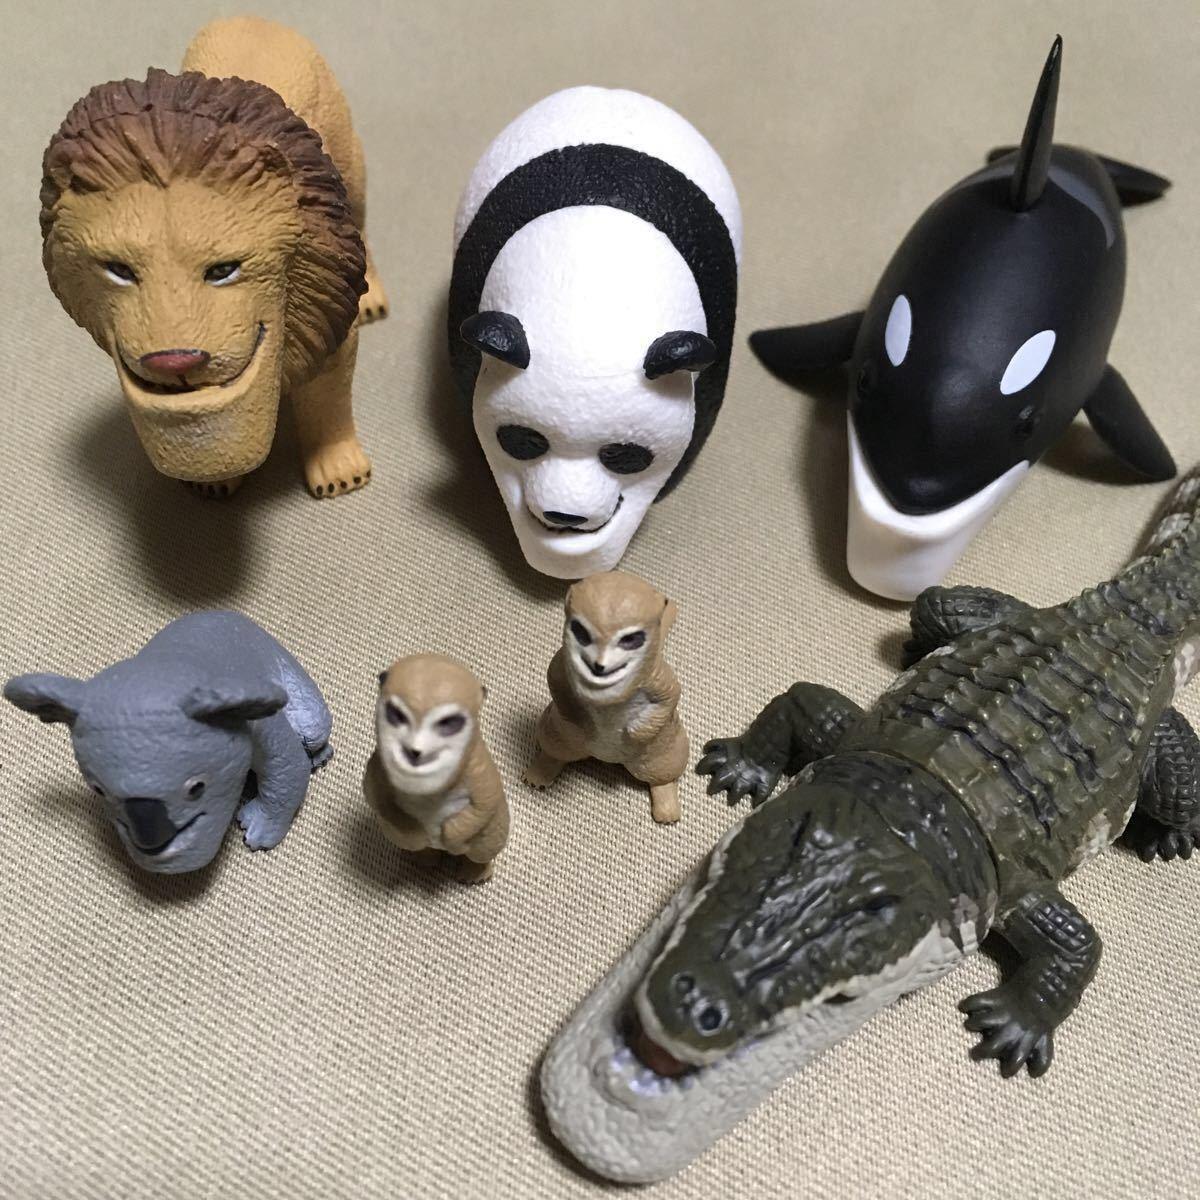 【送料無料】シャクレルプラネット シャクレルホワイト 全30種 フルコンプ